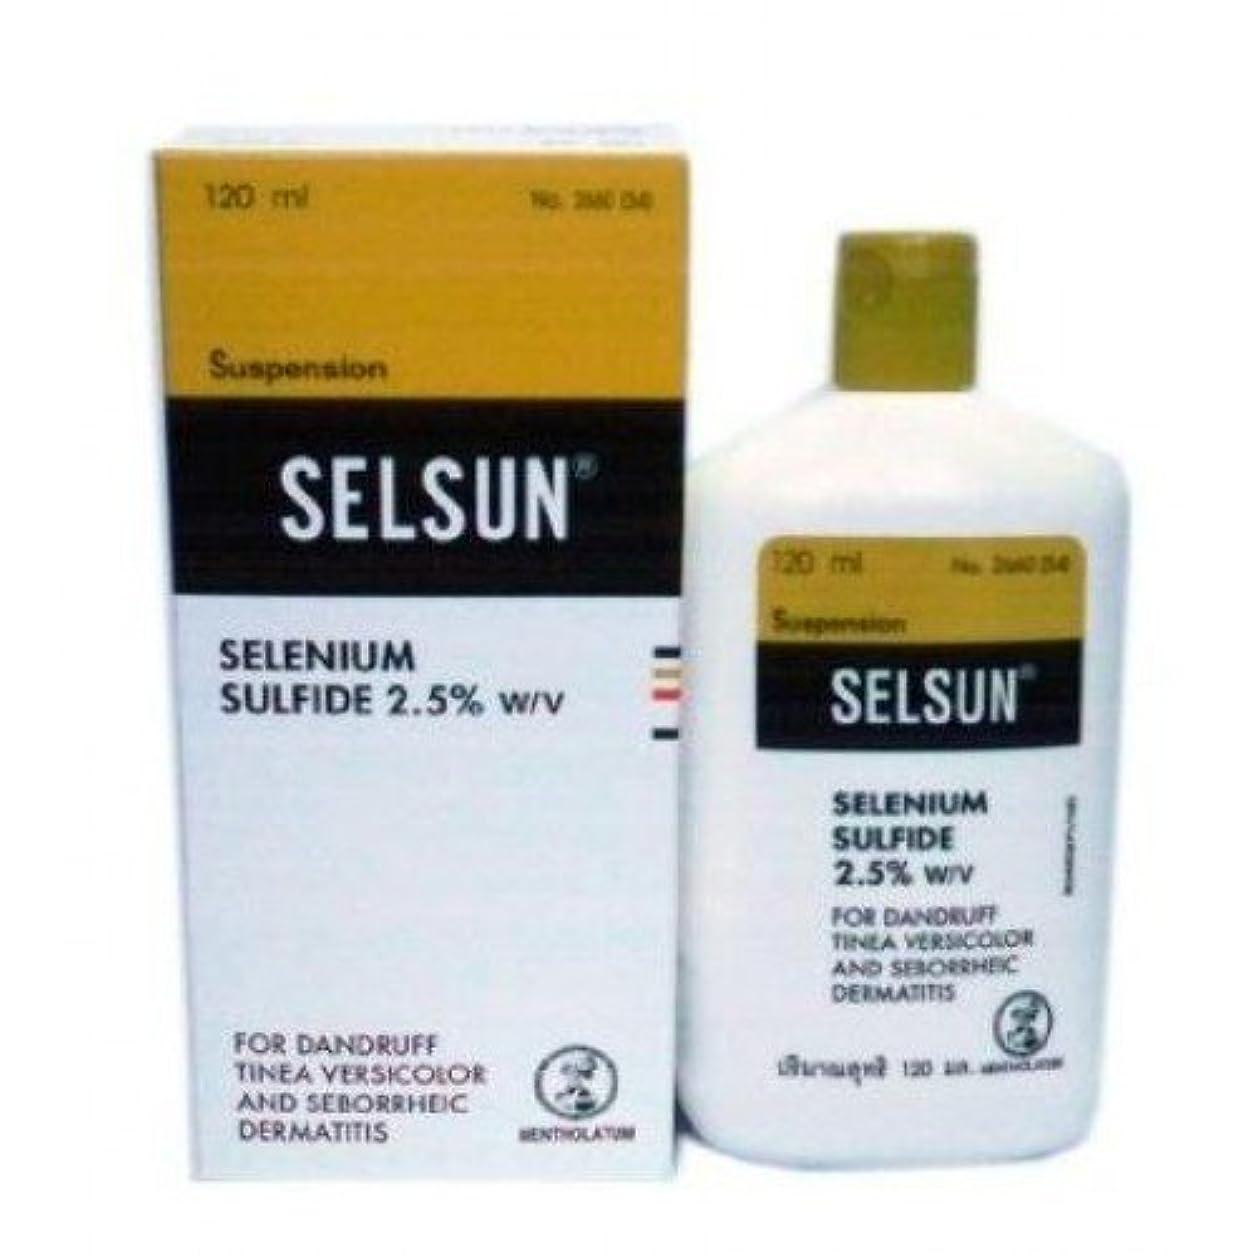 カスタム温度注ぎますSELSUN anti-dandruff shampoo 120ml  セルサン シャンプー